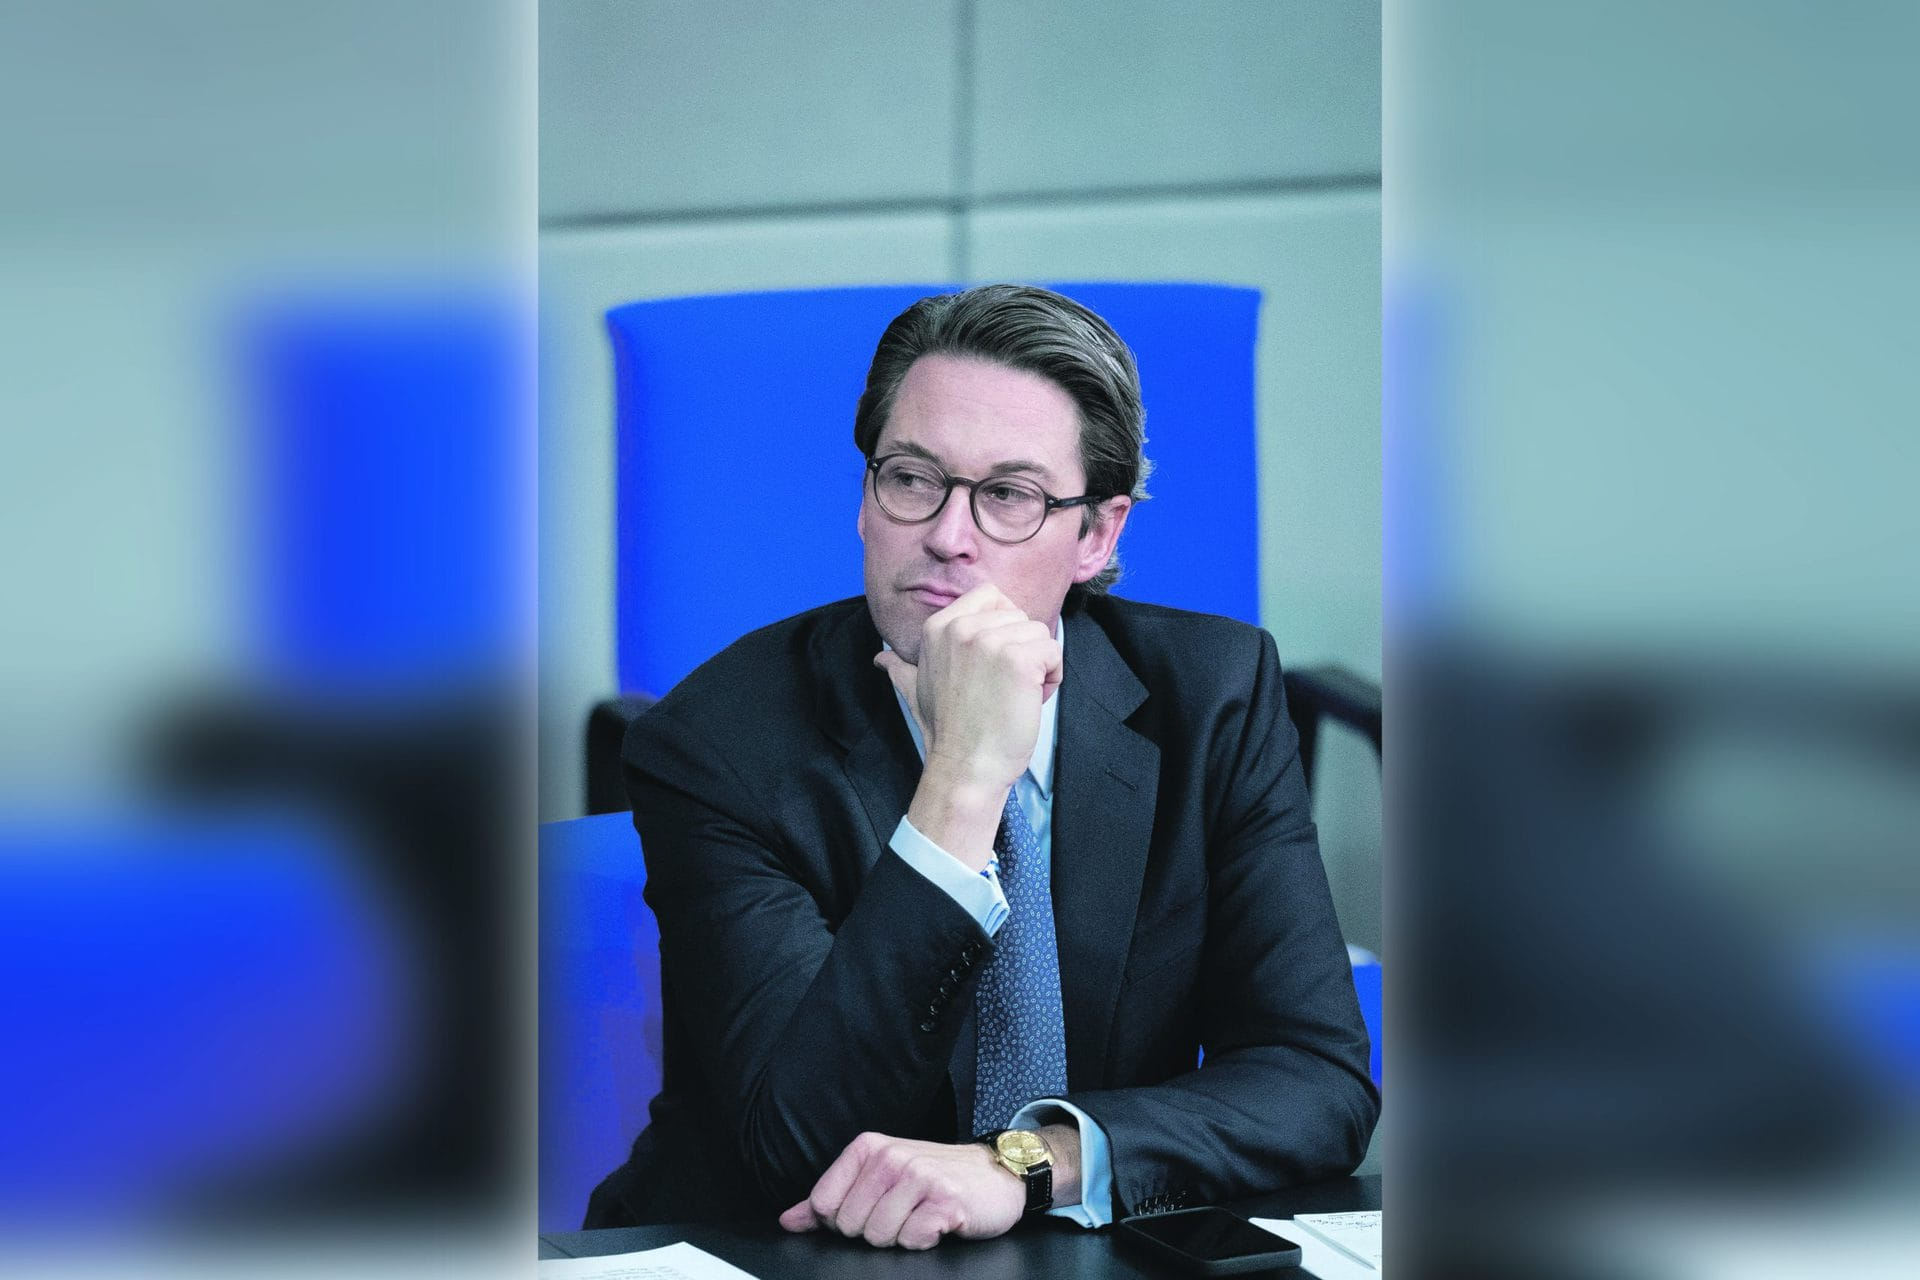 Pkw-Maut: Opposition fordert erneut Rücktritt Scheuers Zweifel an Glaubwürdigkeit